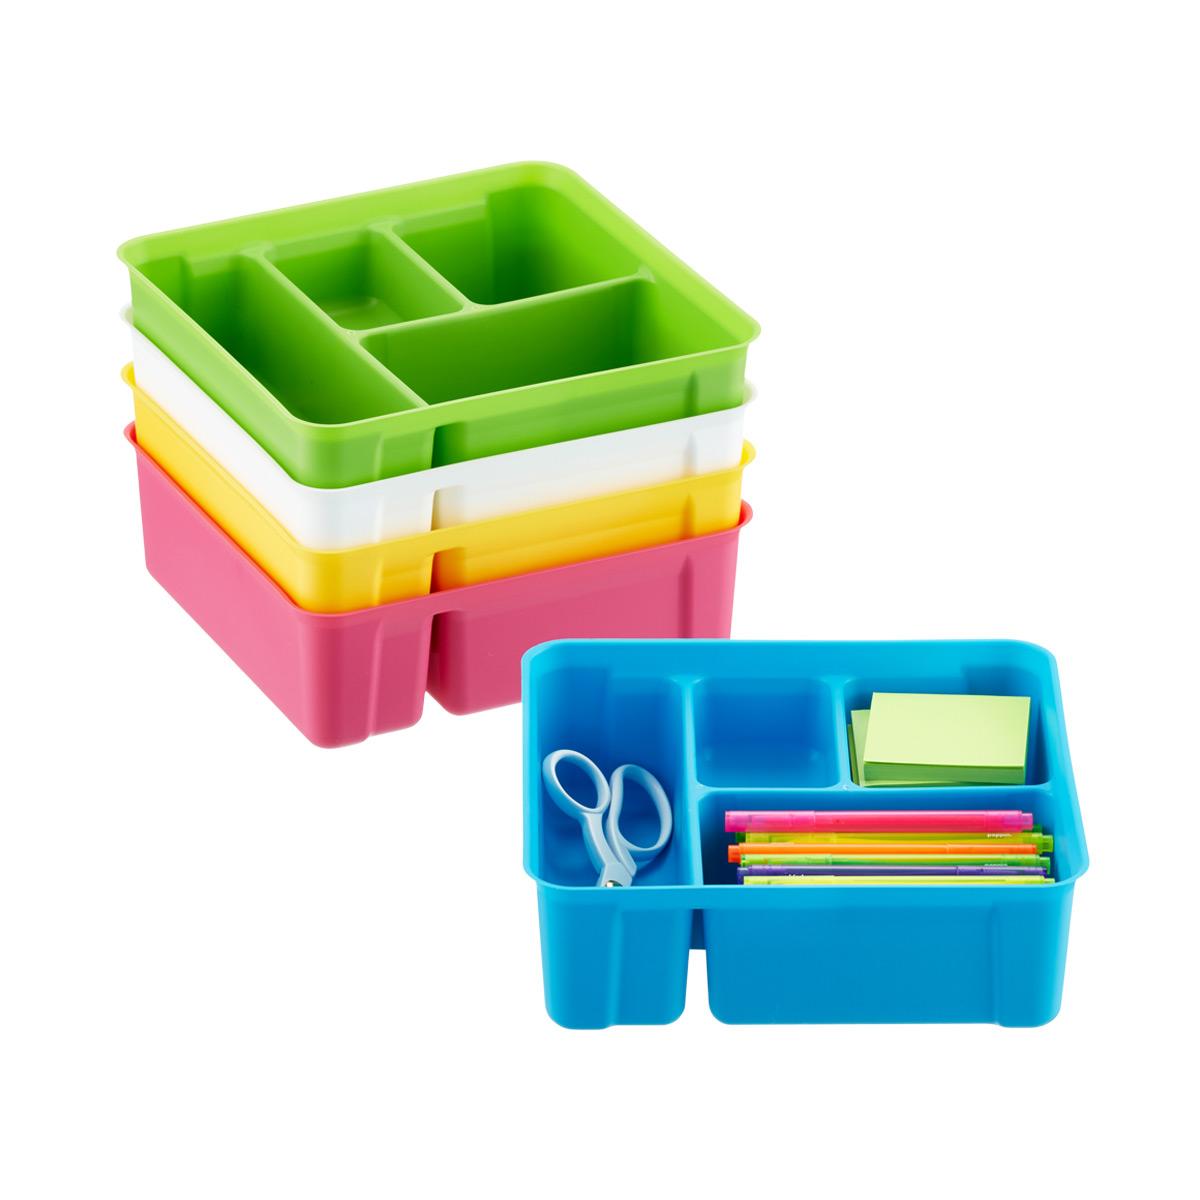 SmartStore 4-Compartment Tray